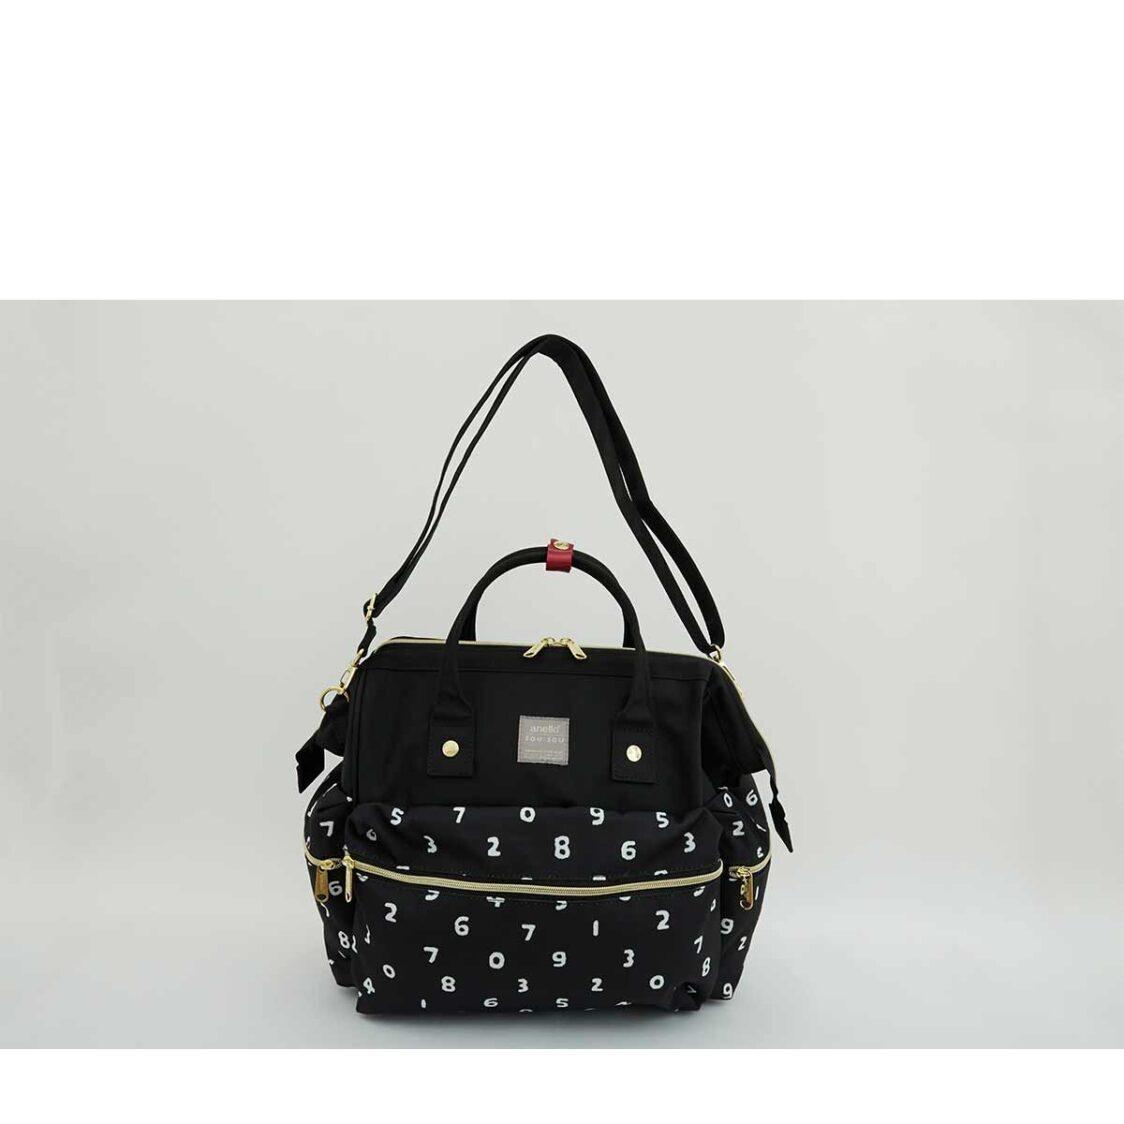 Anello X Sousou 3Way Boston Bag Black